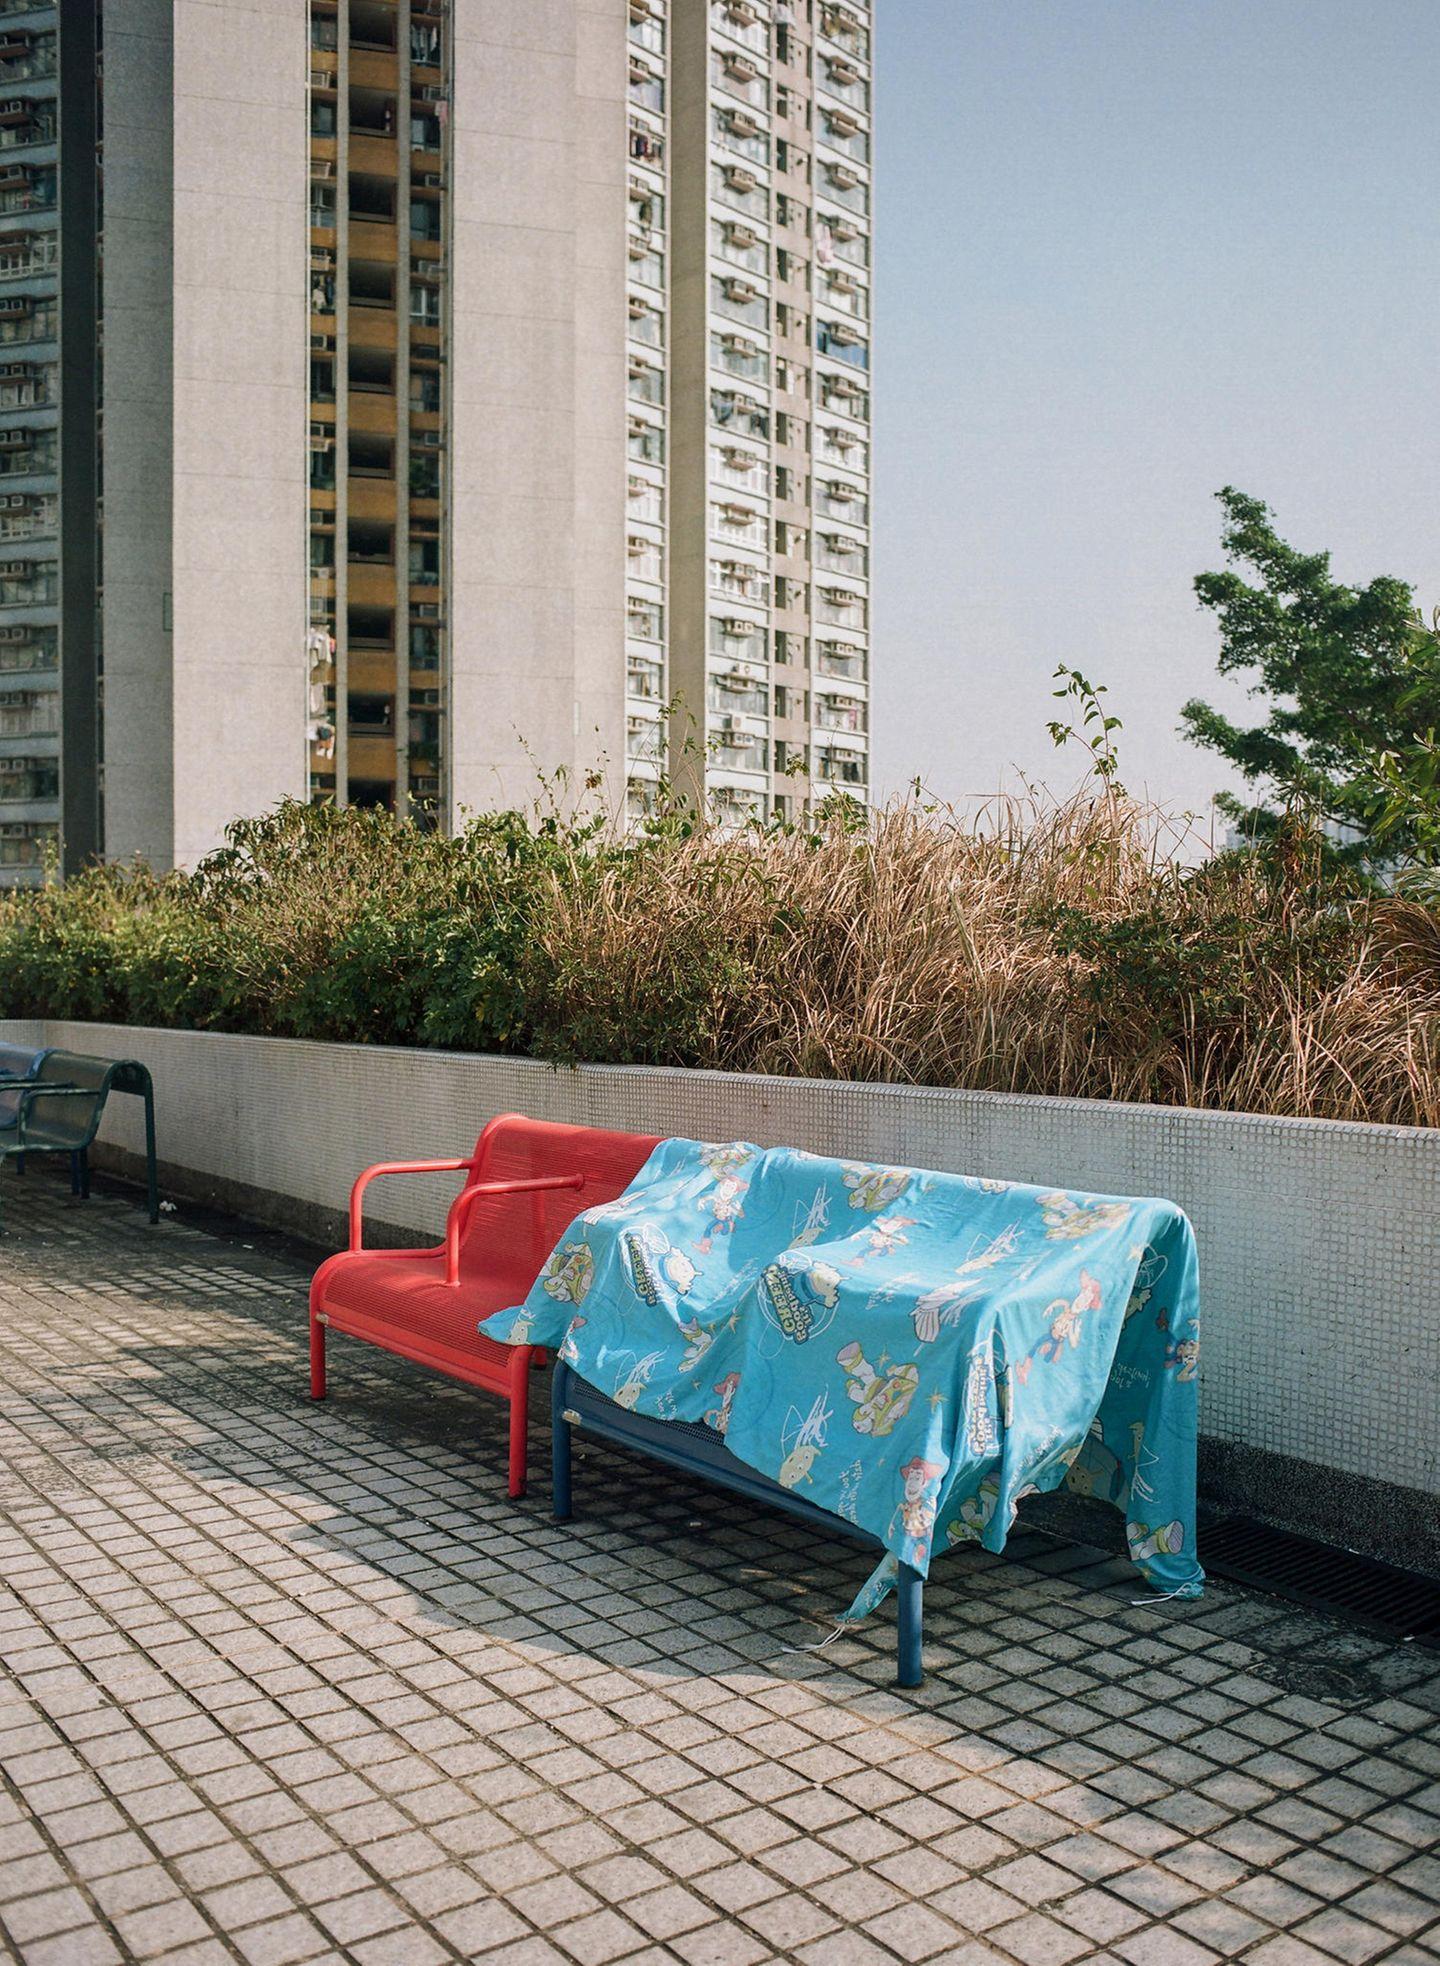 eine Decke auf einer Sitzbank